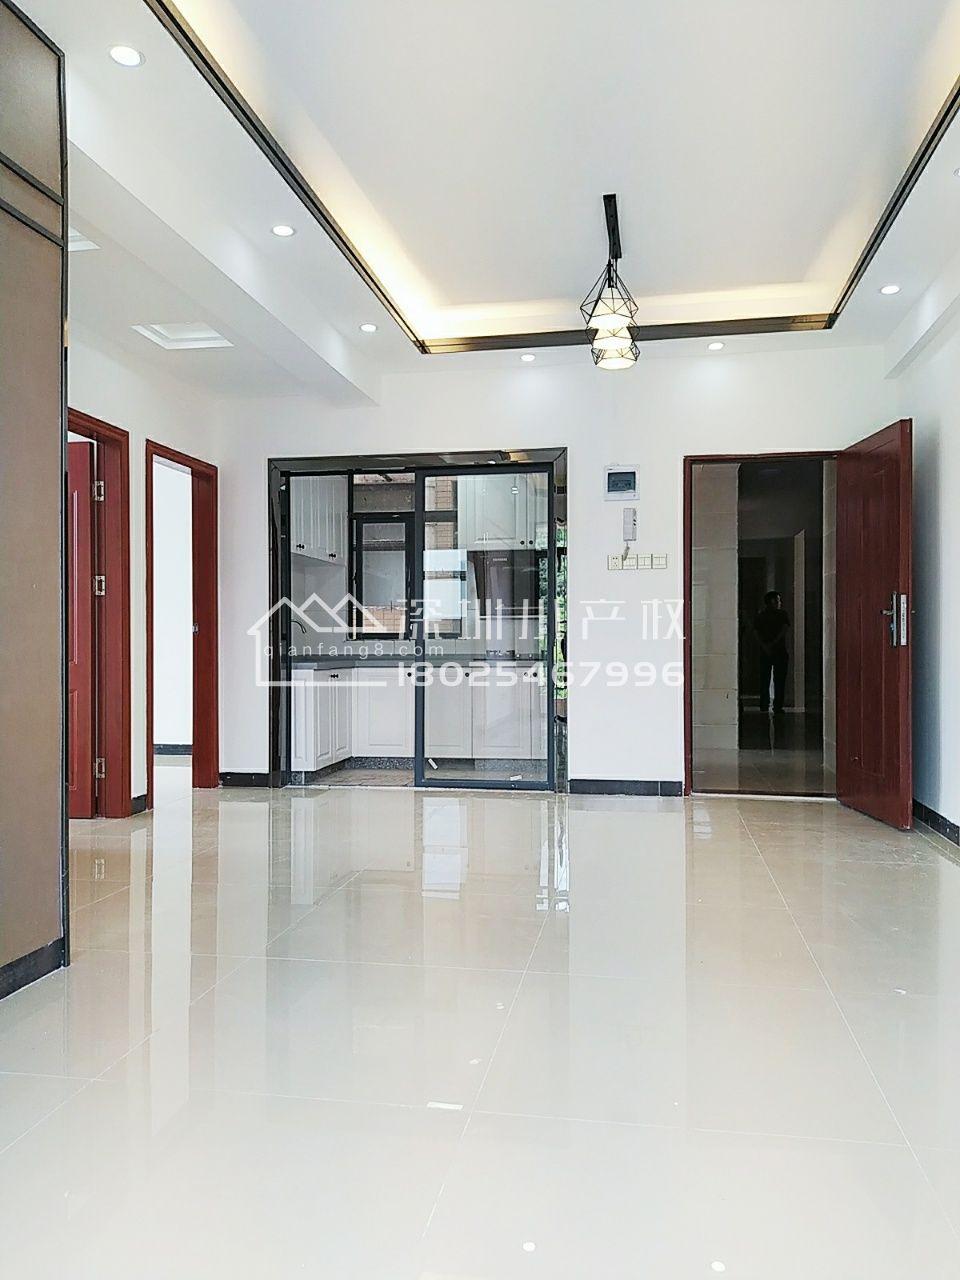 地铁6号线300米 【大学城家园·二期】 特价4880元起 精装修